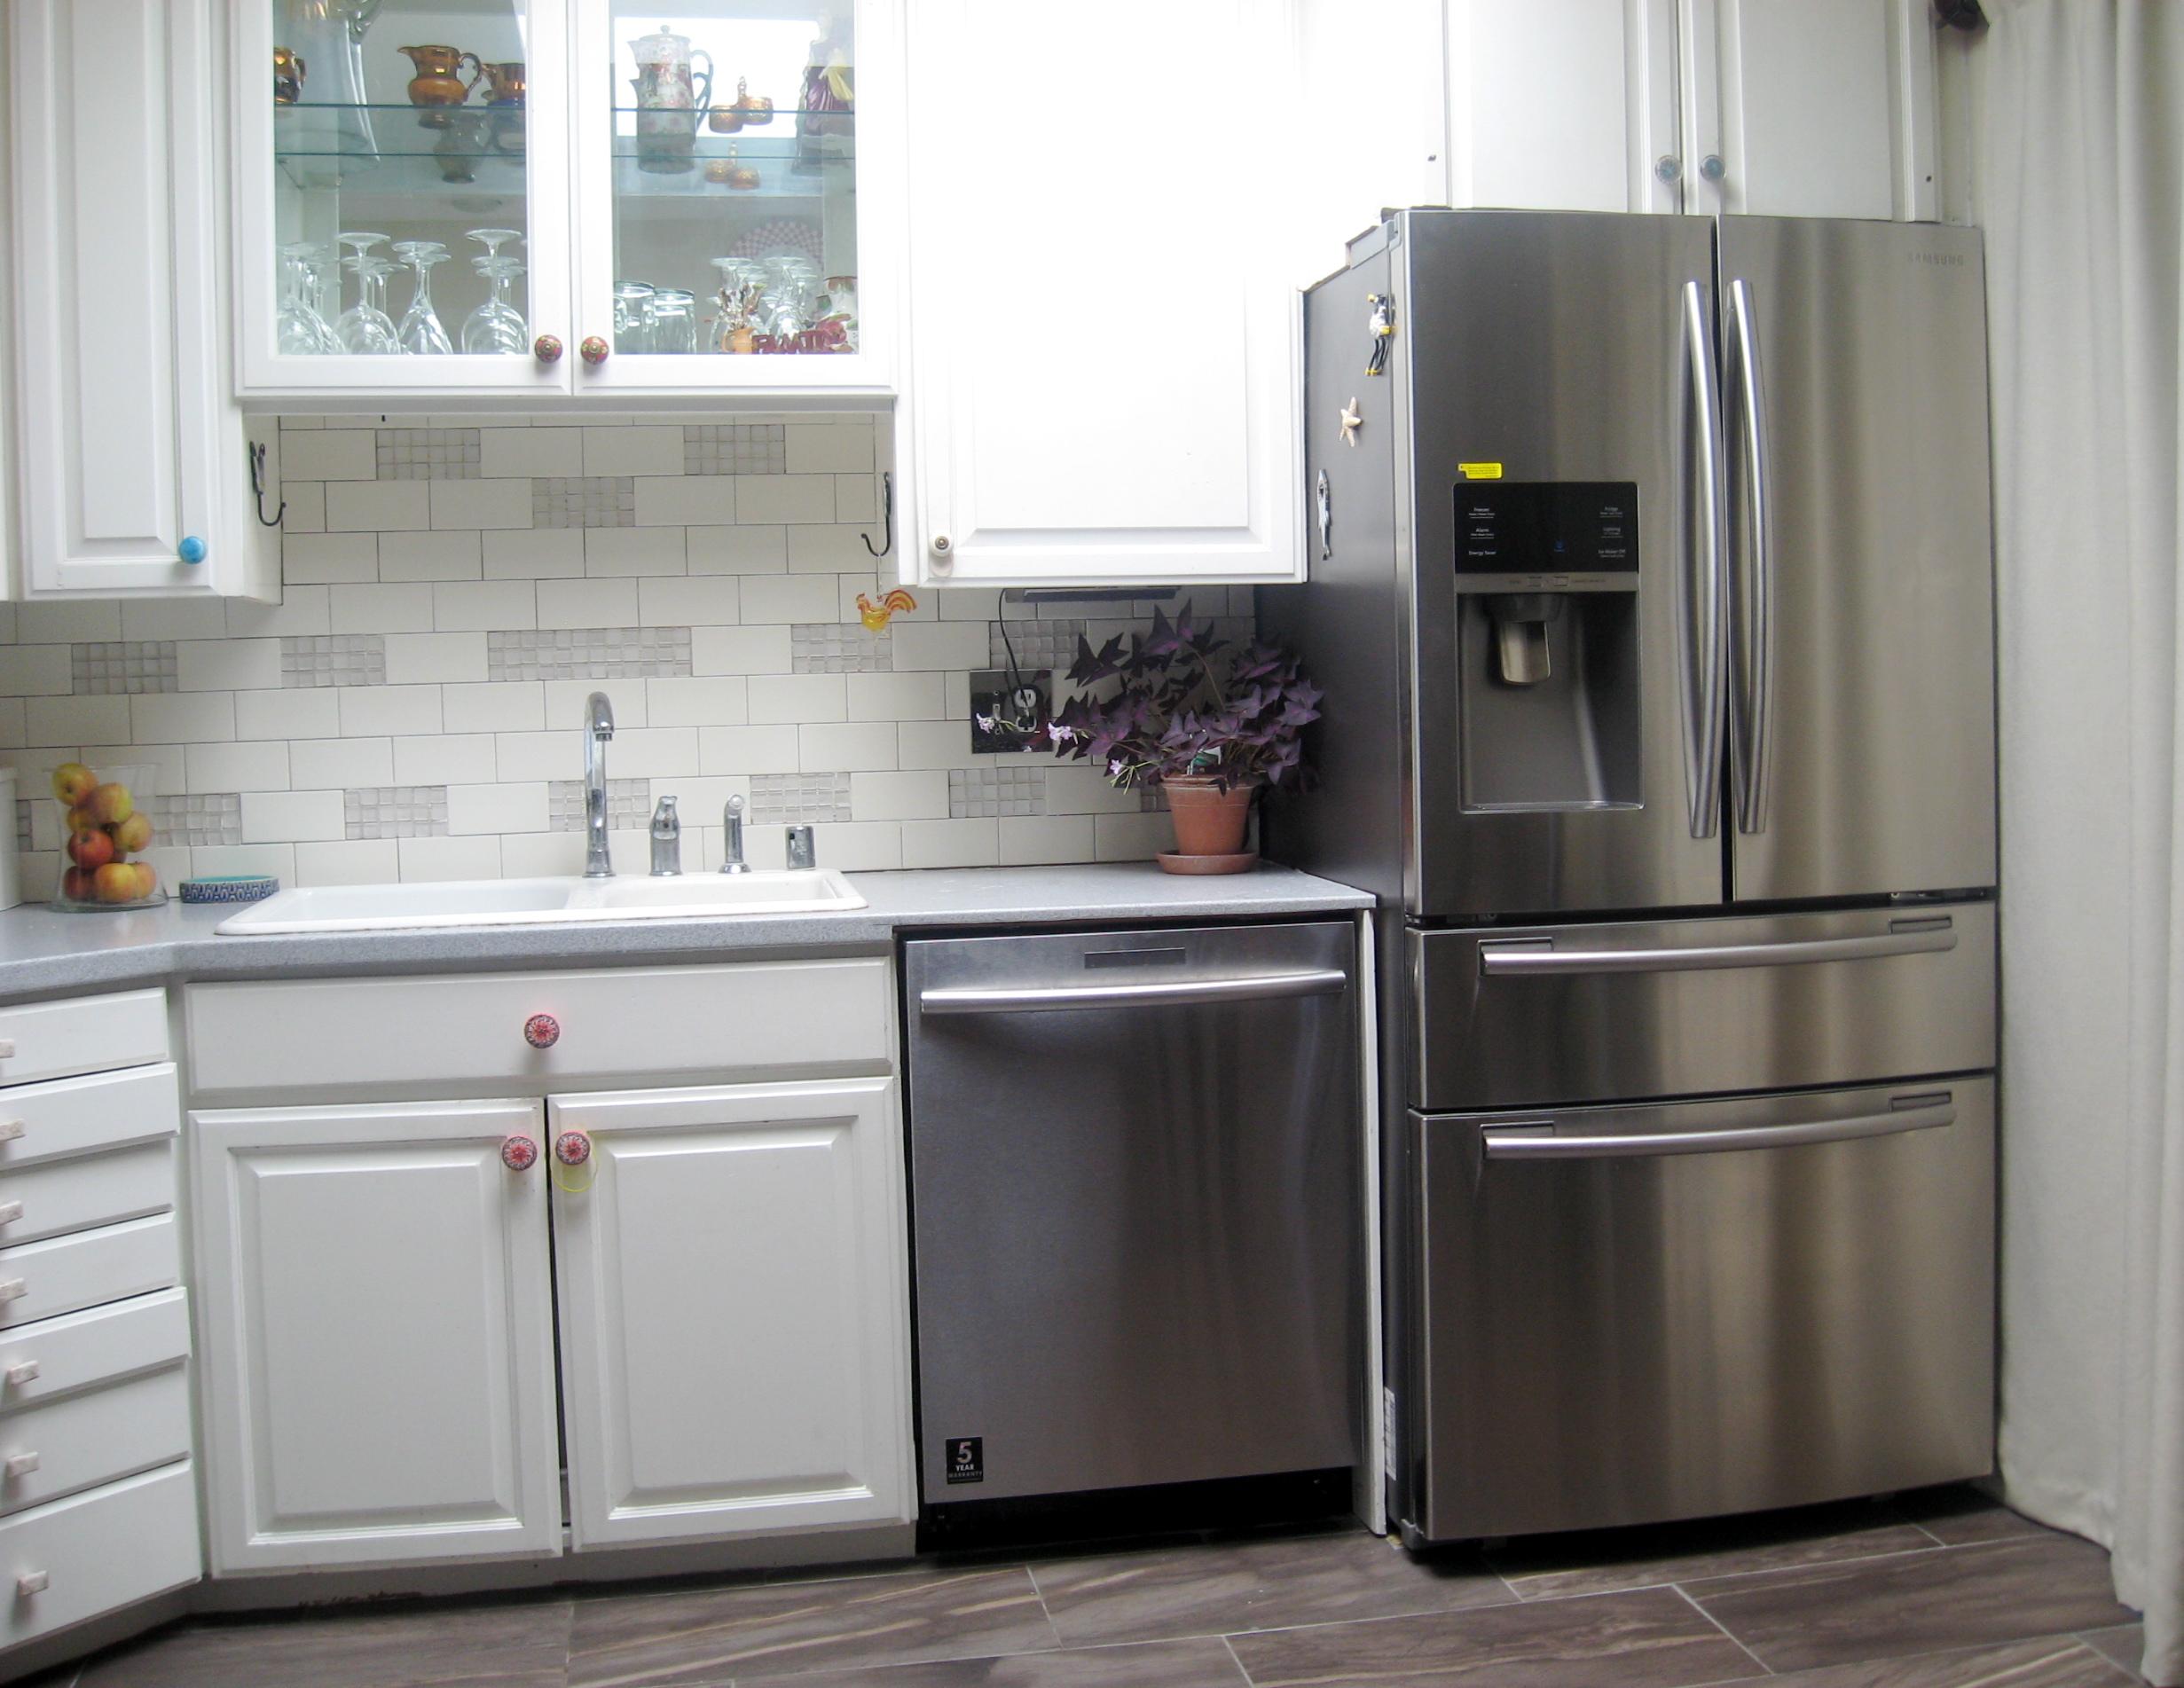 kitchens/IMG_3694.JPG